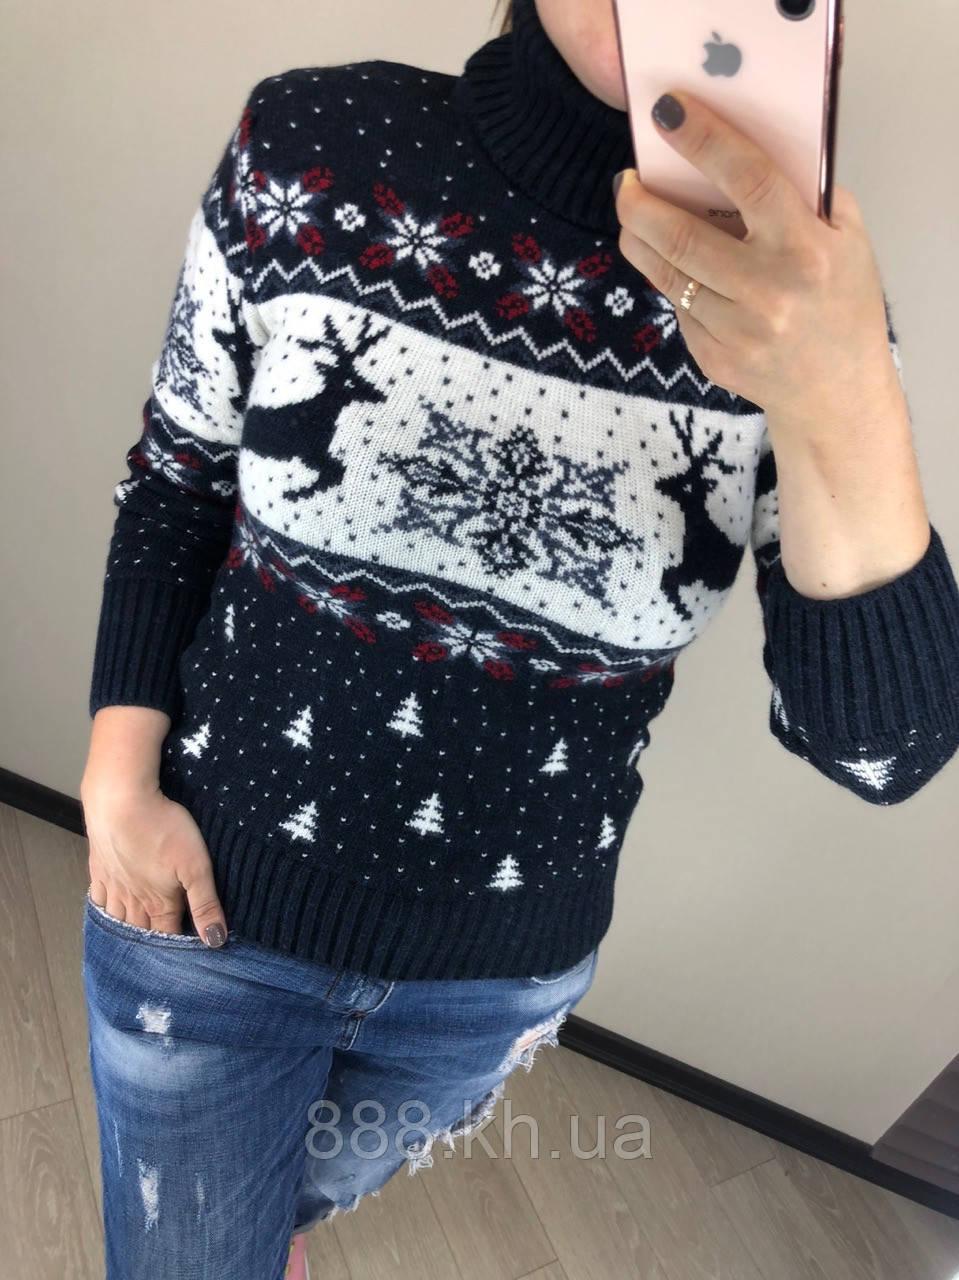 Теплый шерстяной женский свитер с оленями, новогодний (вязка)